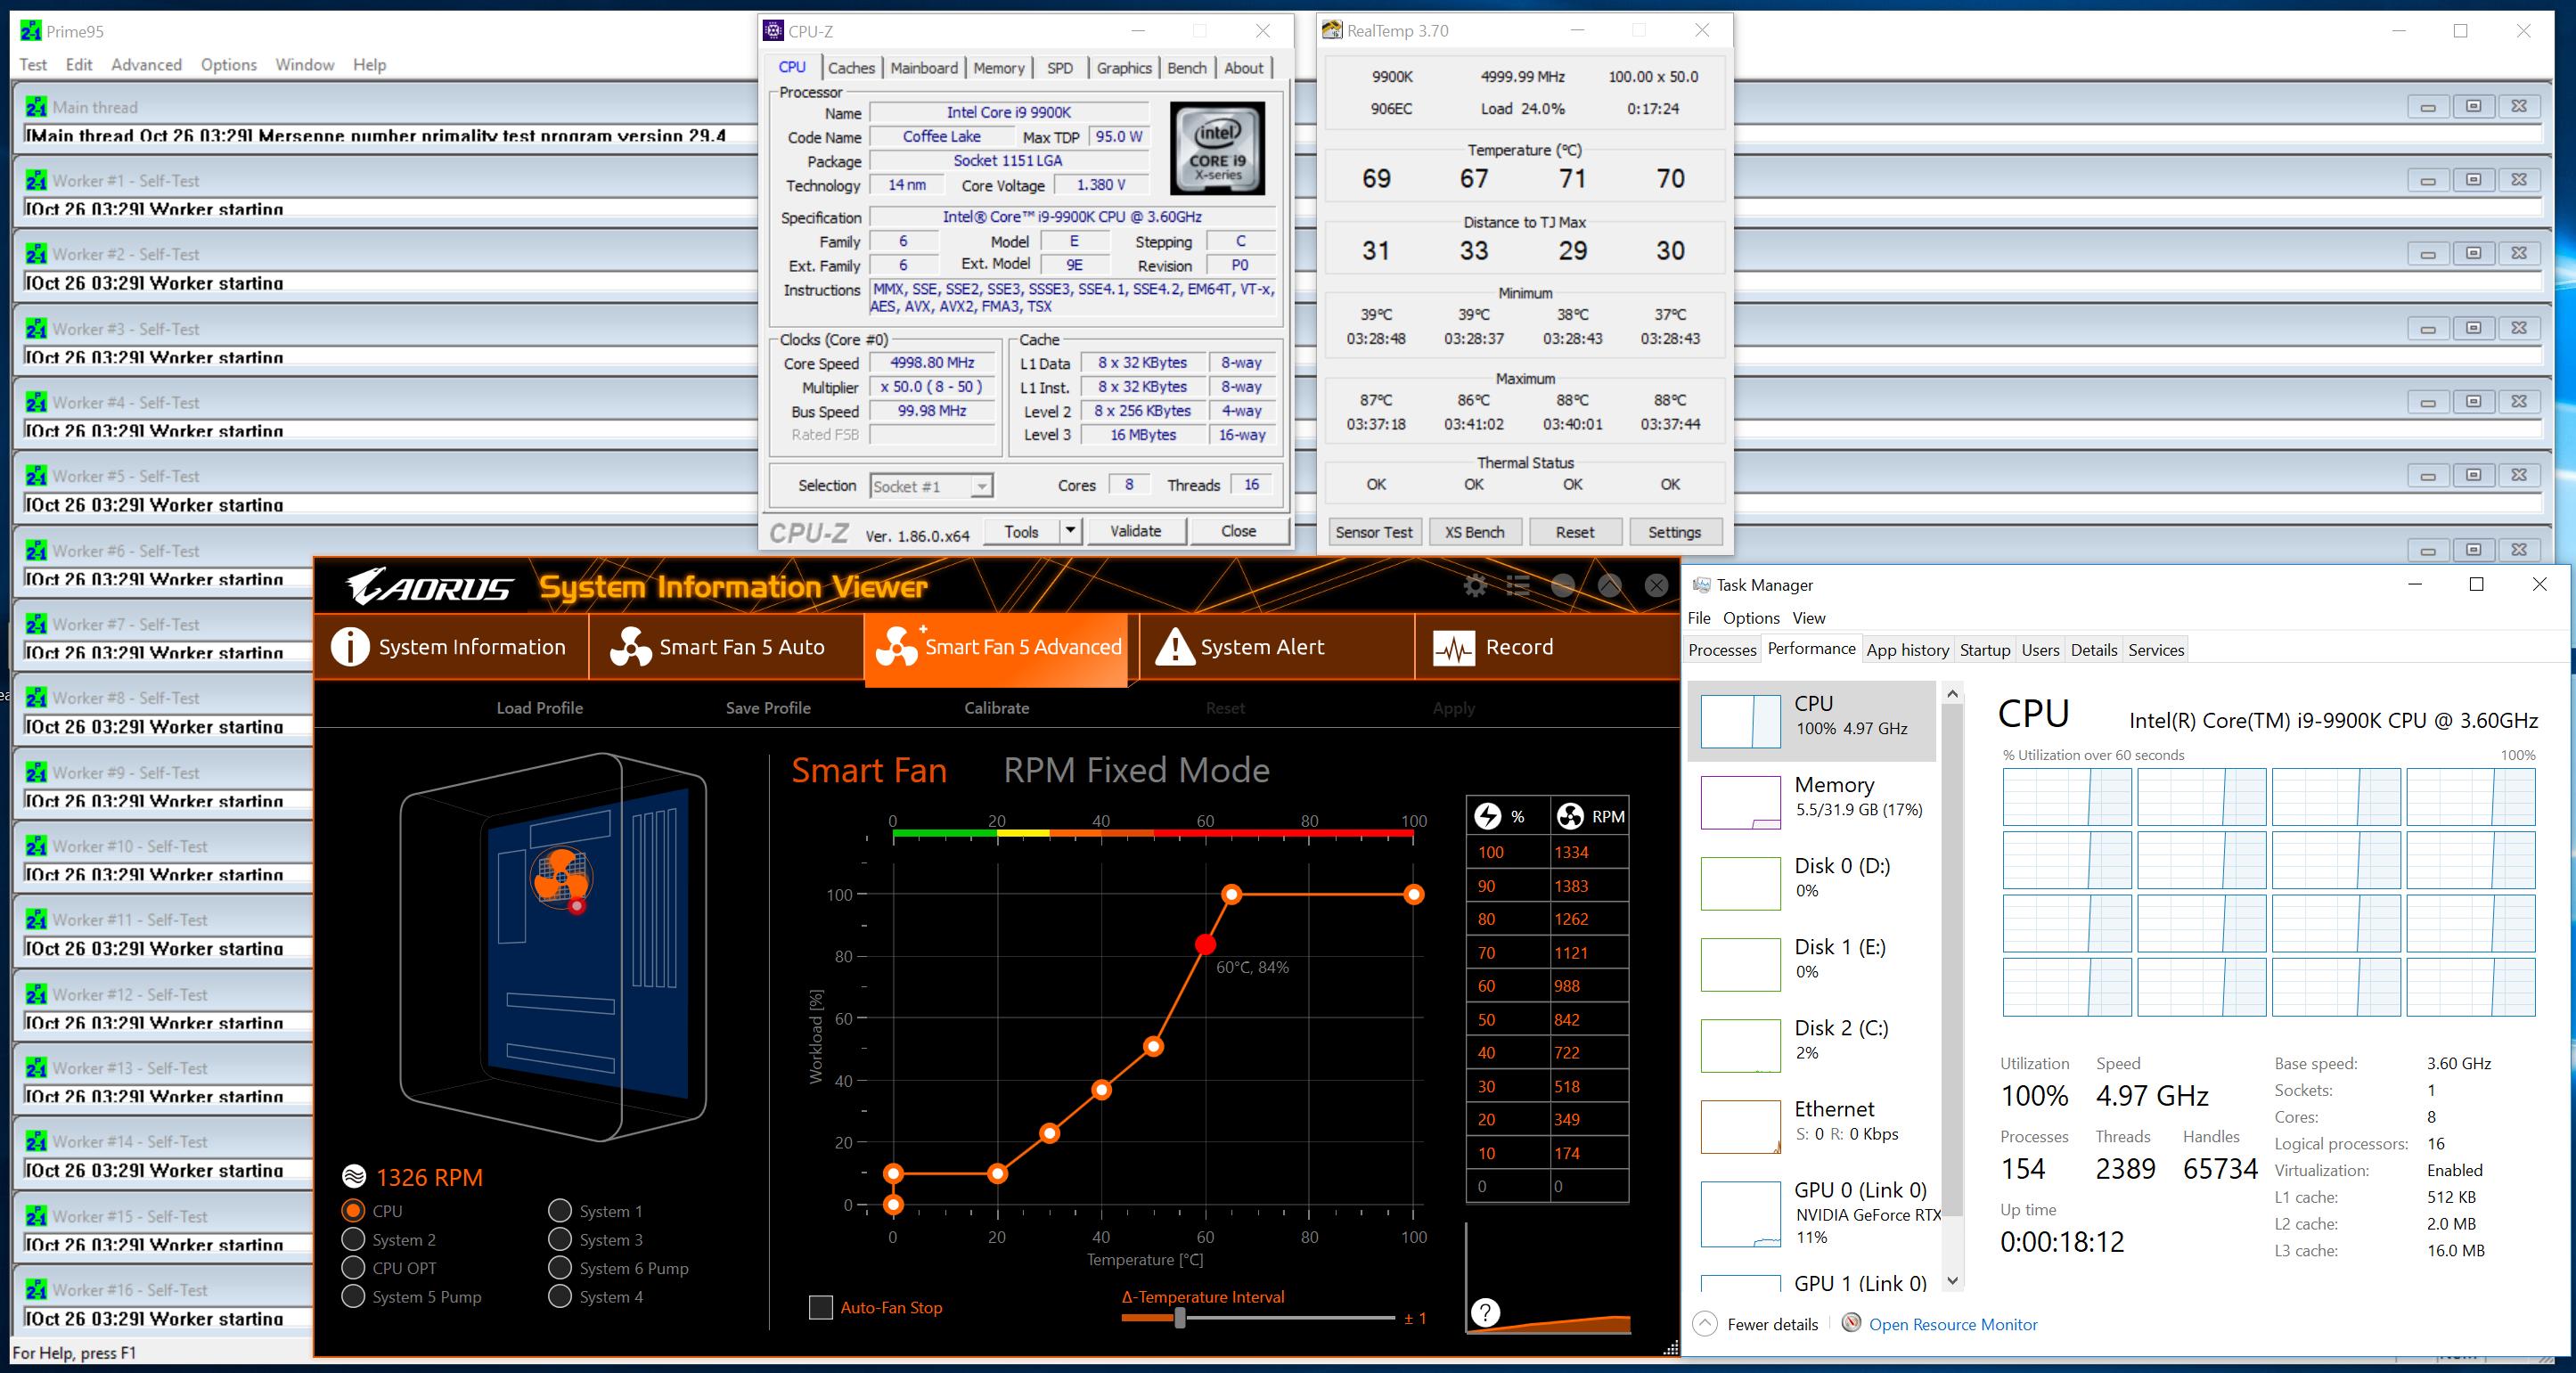 9900k 5ghz runs cool